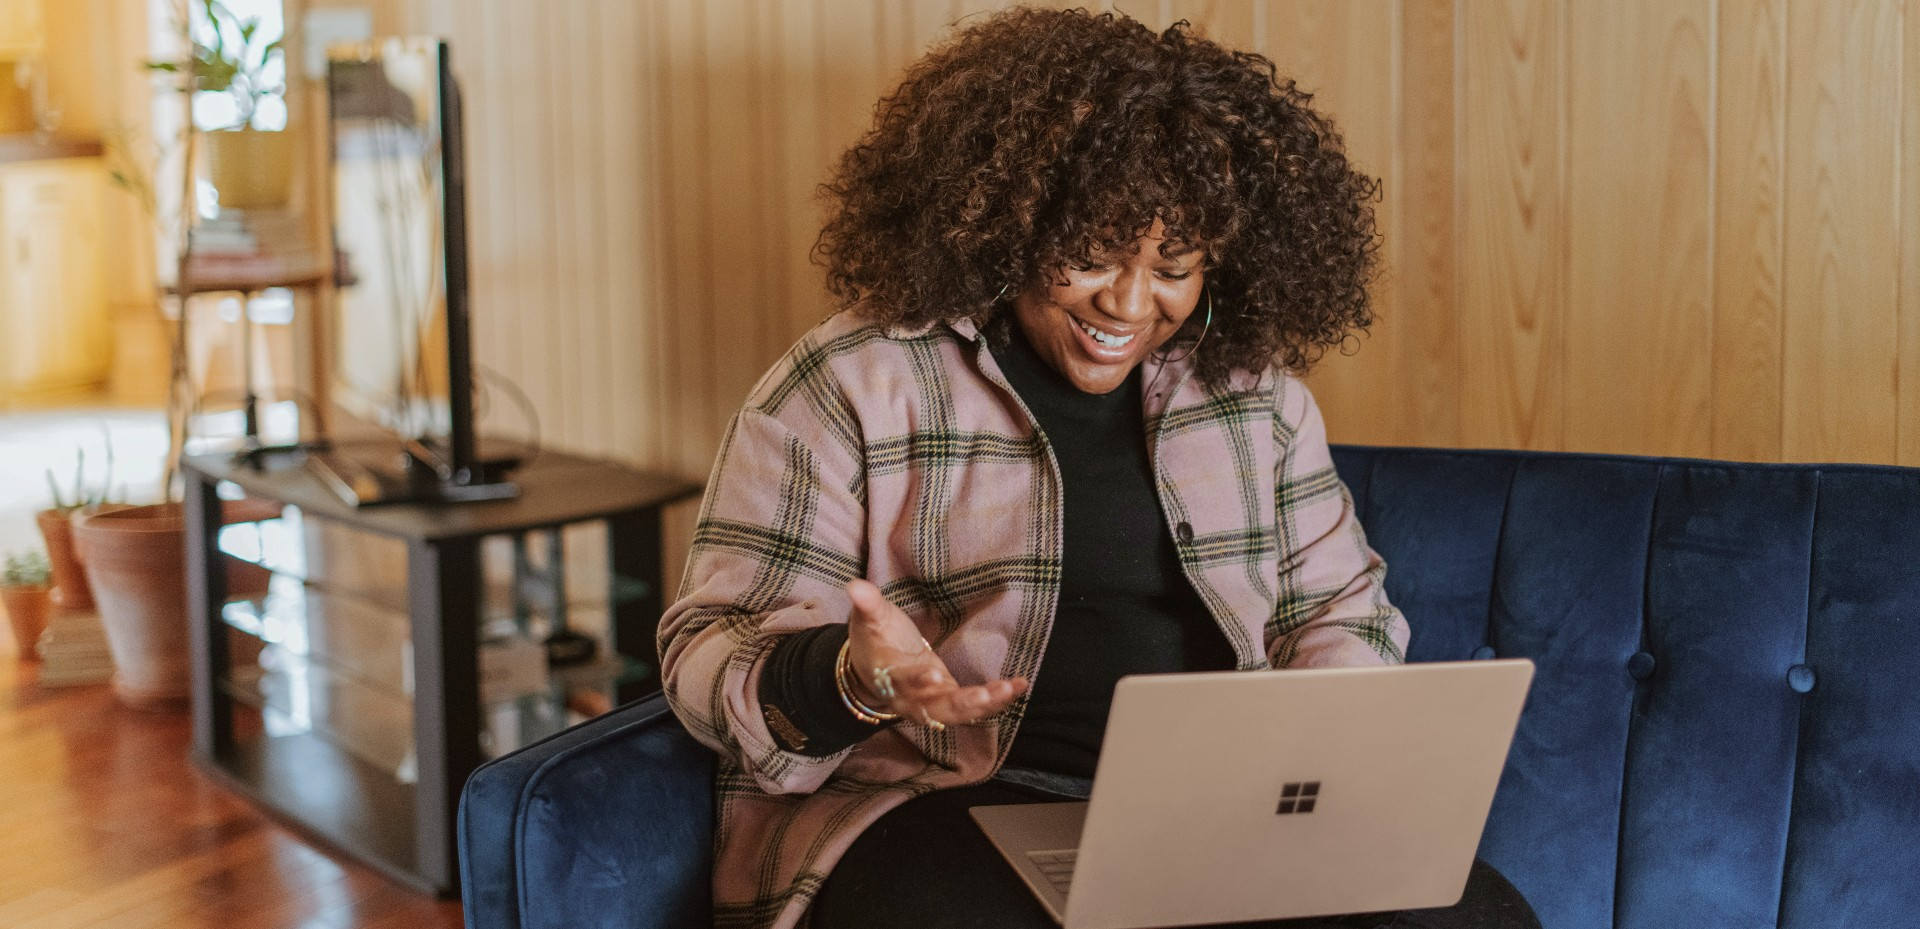 Le parcours collaborateur digitalisé, un challenge pour les DRH et managers